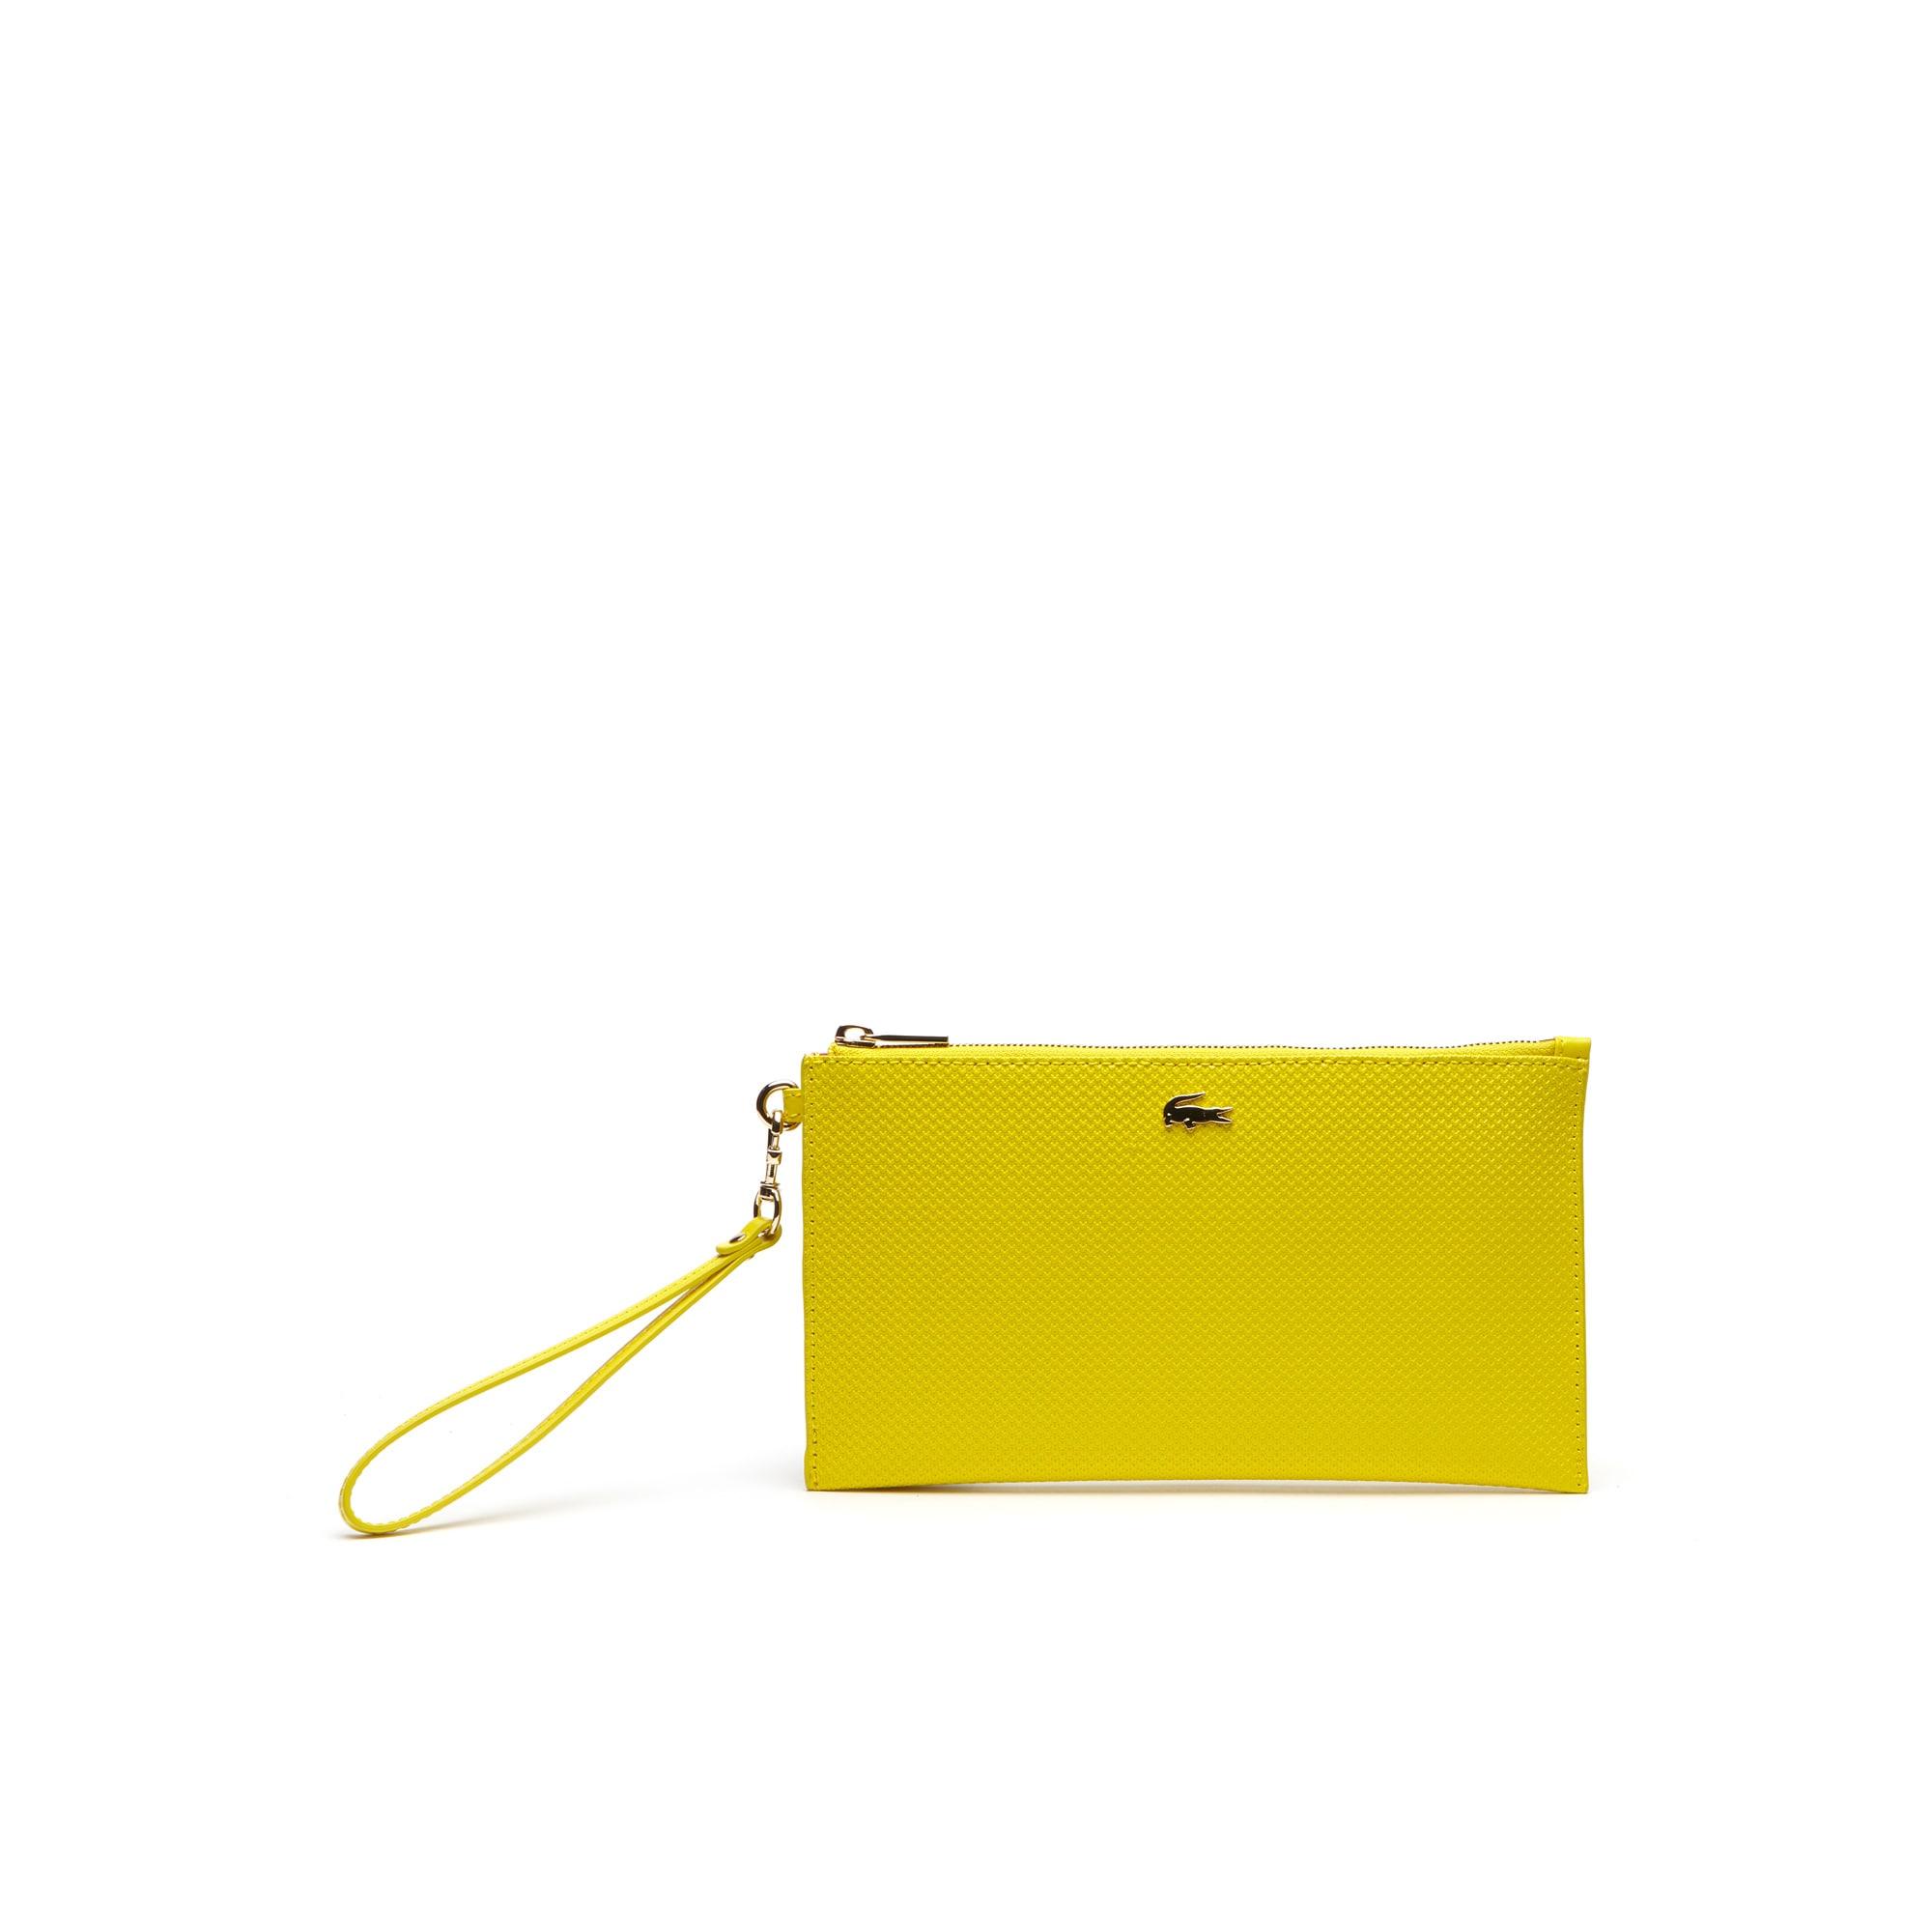 Women's Chantaco Piqué Leather Clutch Bag